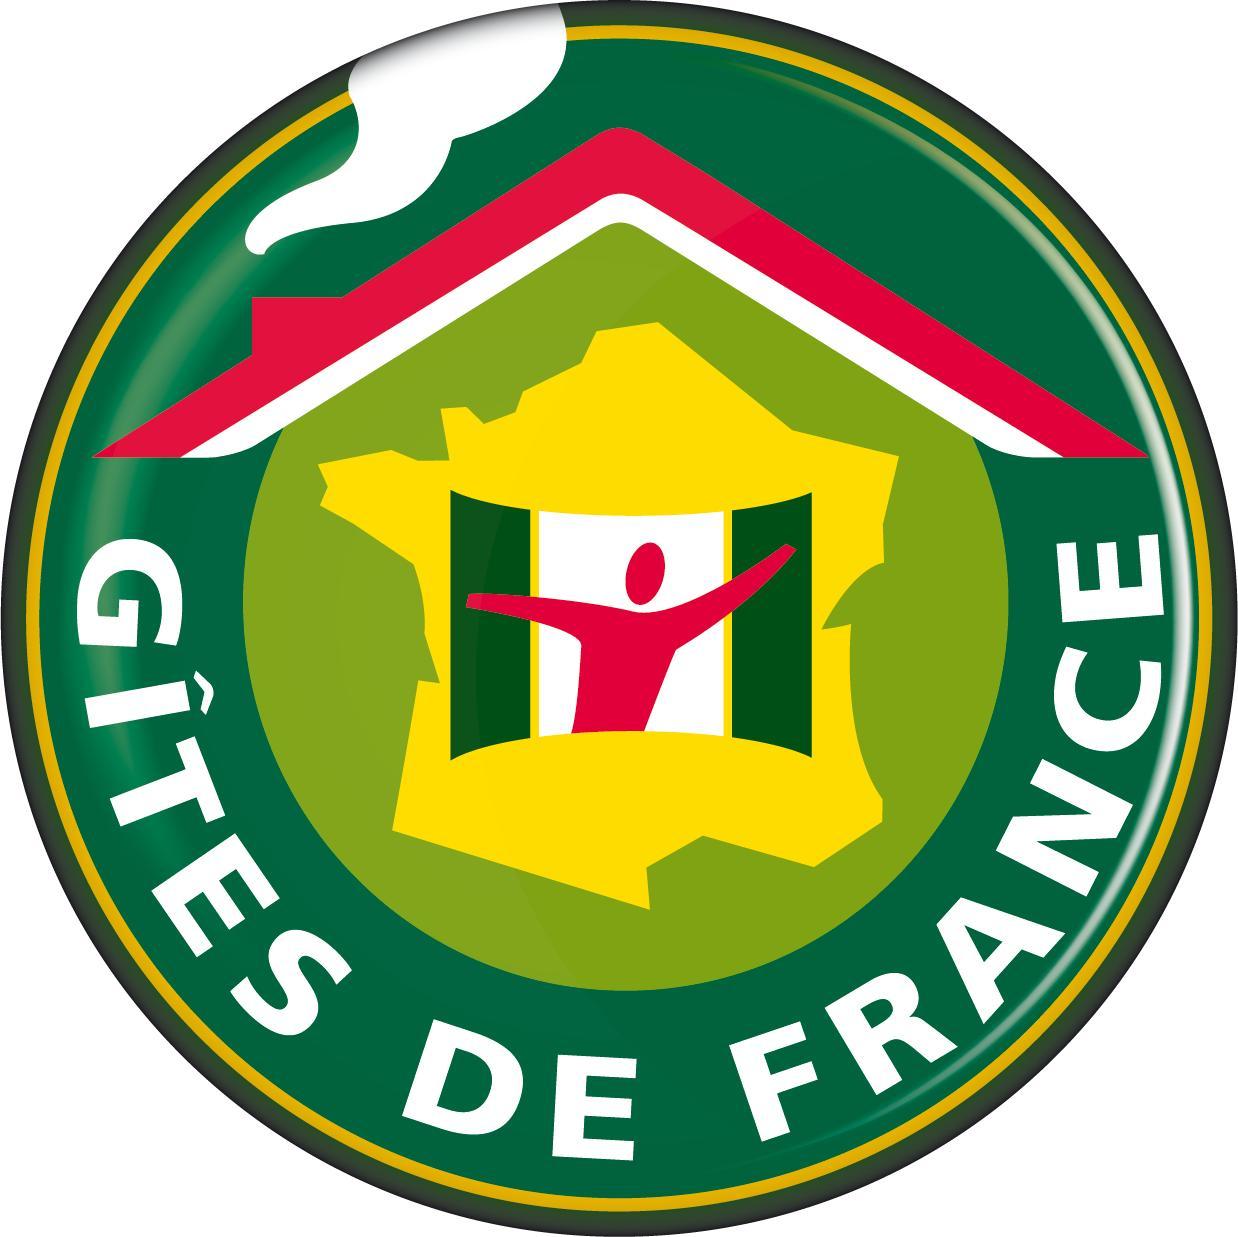 Gîtes de France : sélection de séjours jusqu'à 6 personnes